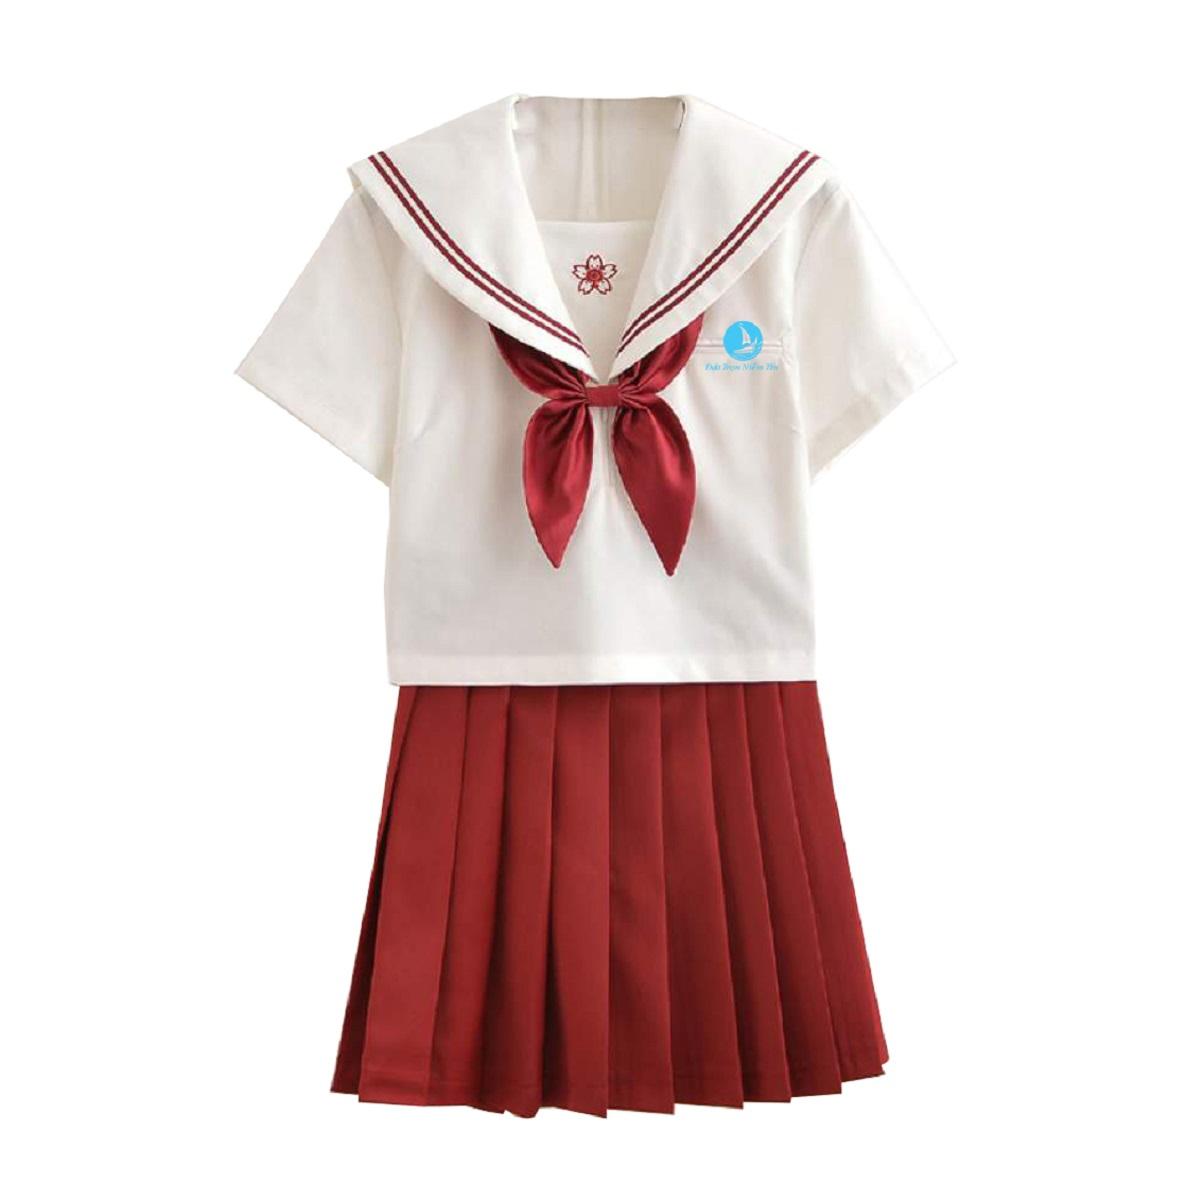 Mẫu đồng phục Mã BO – HSNU04 Đỏ